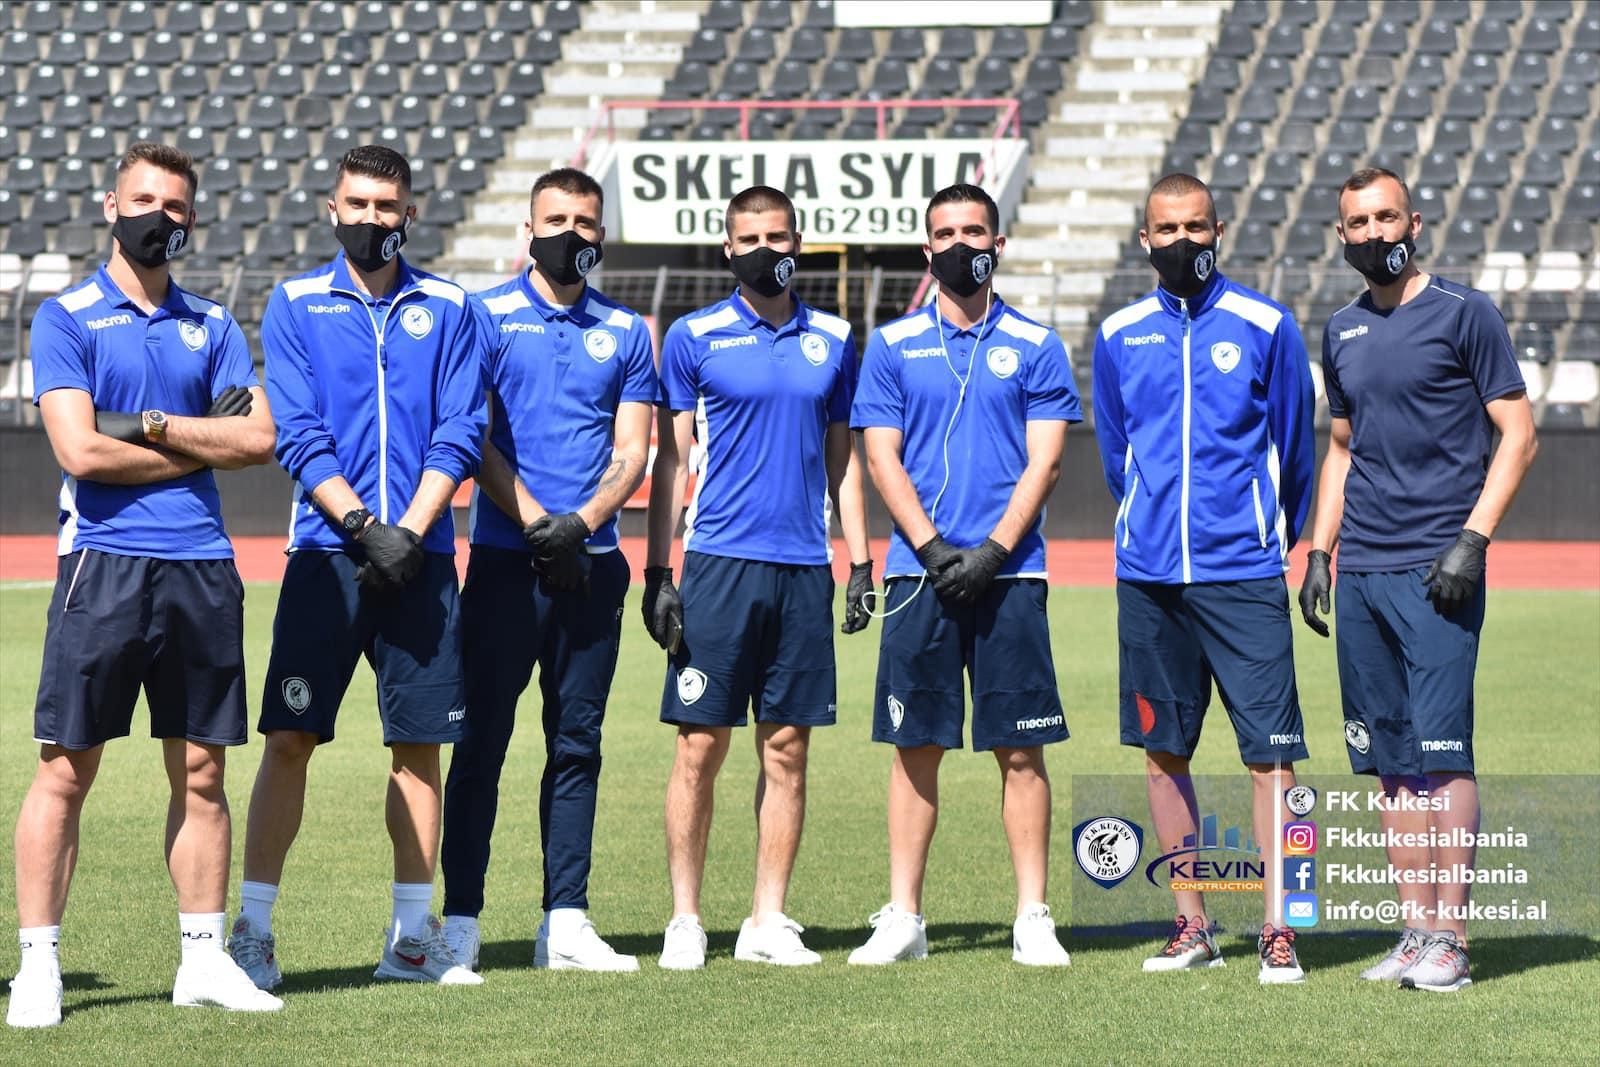 Kukesi lojtaret me maska